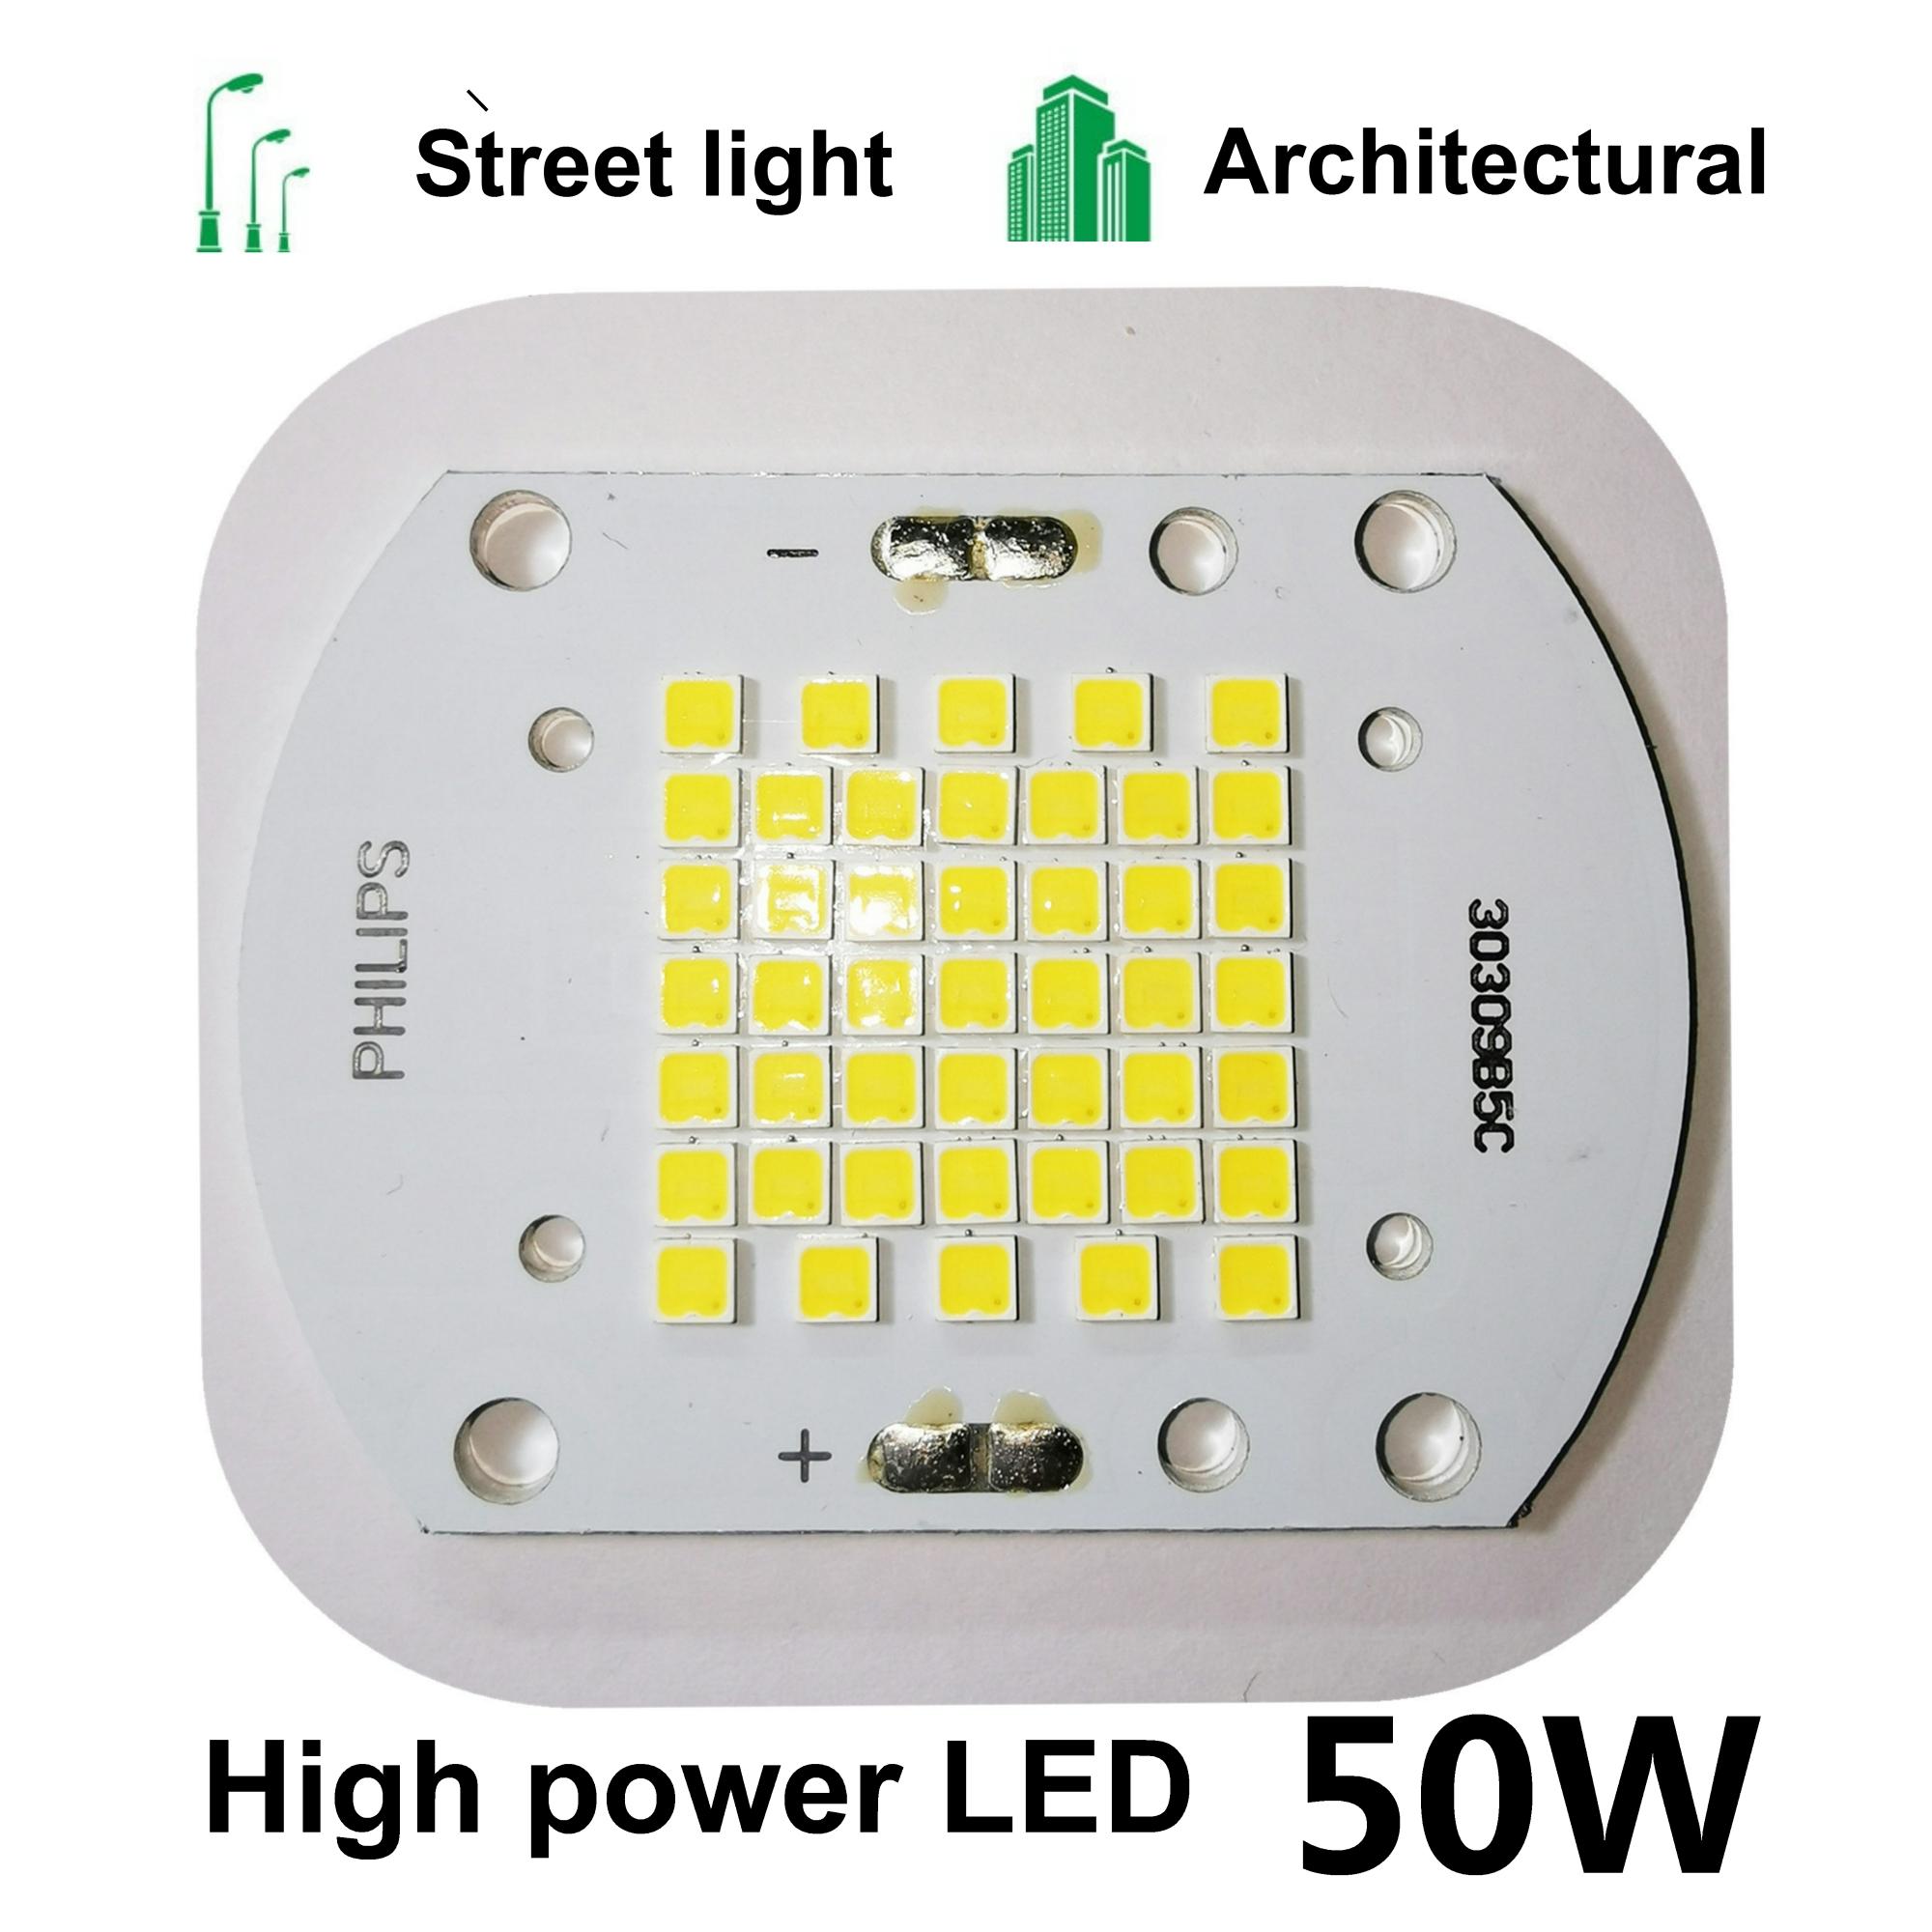 2ps 50W COB LED Chip Lamp Bulb Chips For Spotlight Floodlight Garden Square DC 30V 32V 34V 36V Integrated LED Light Beads